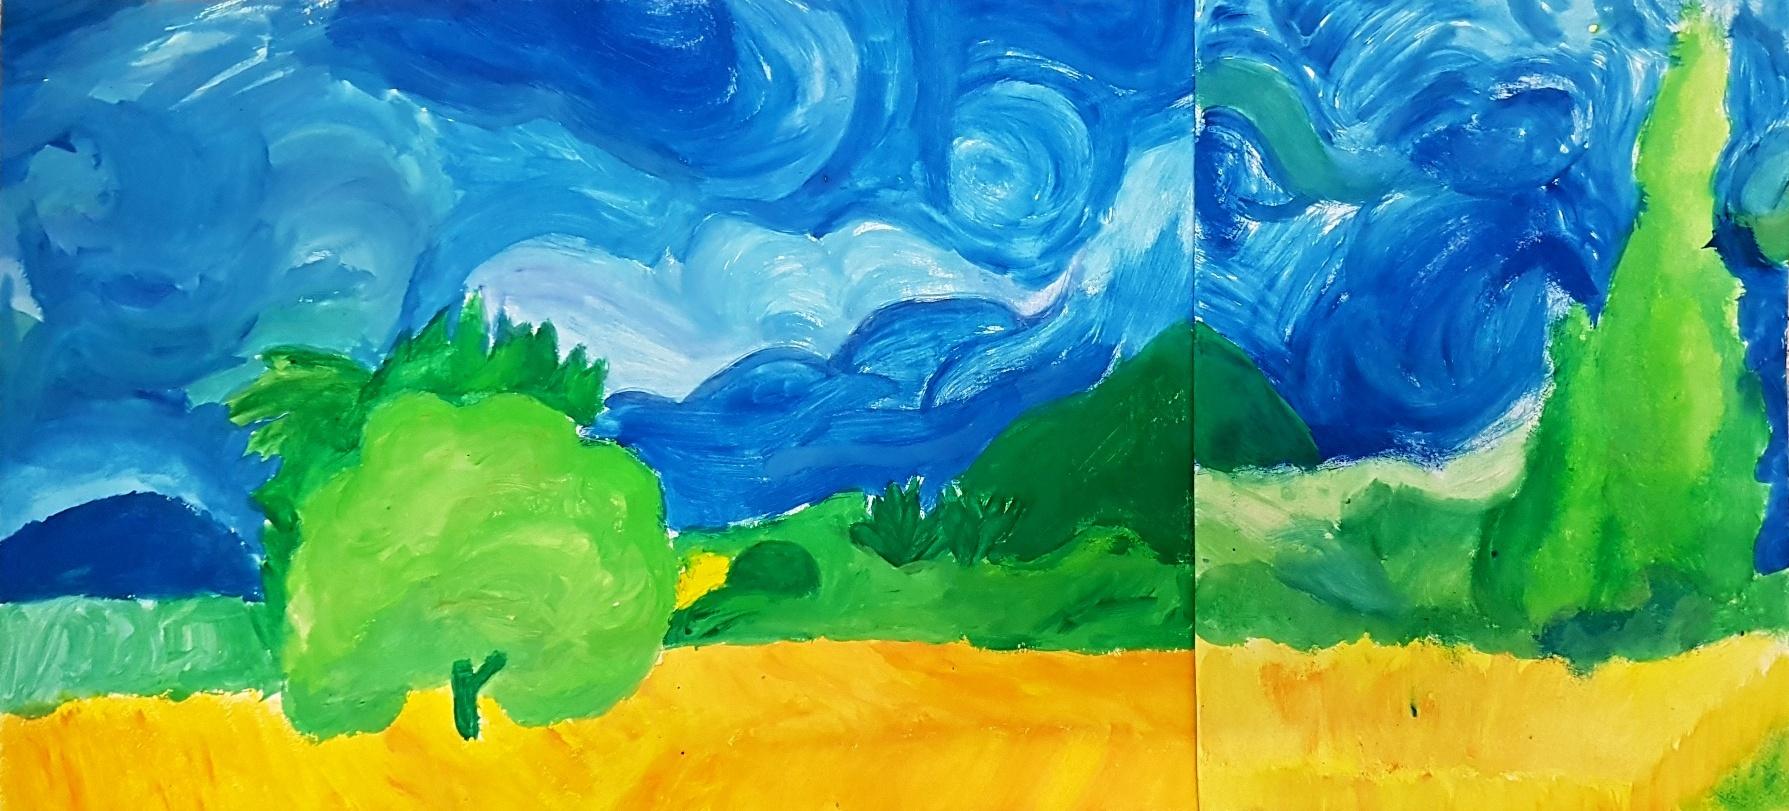 Gogh-parafráze-obrazu-Ptáčníková-Kostiuk-9.r.